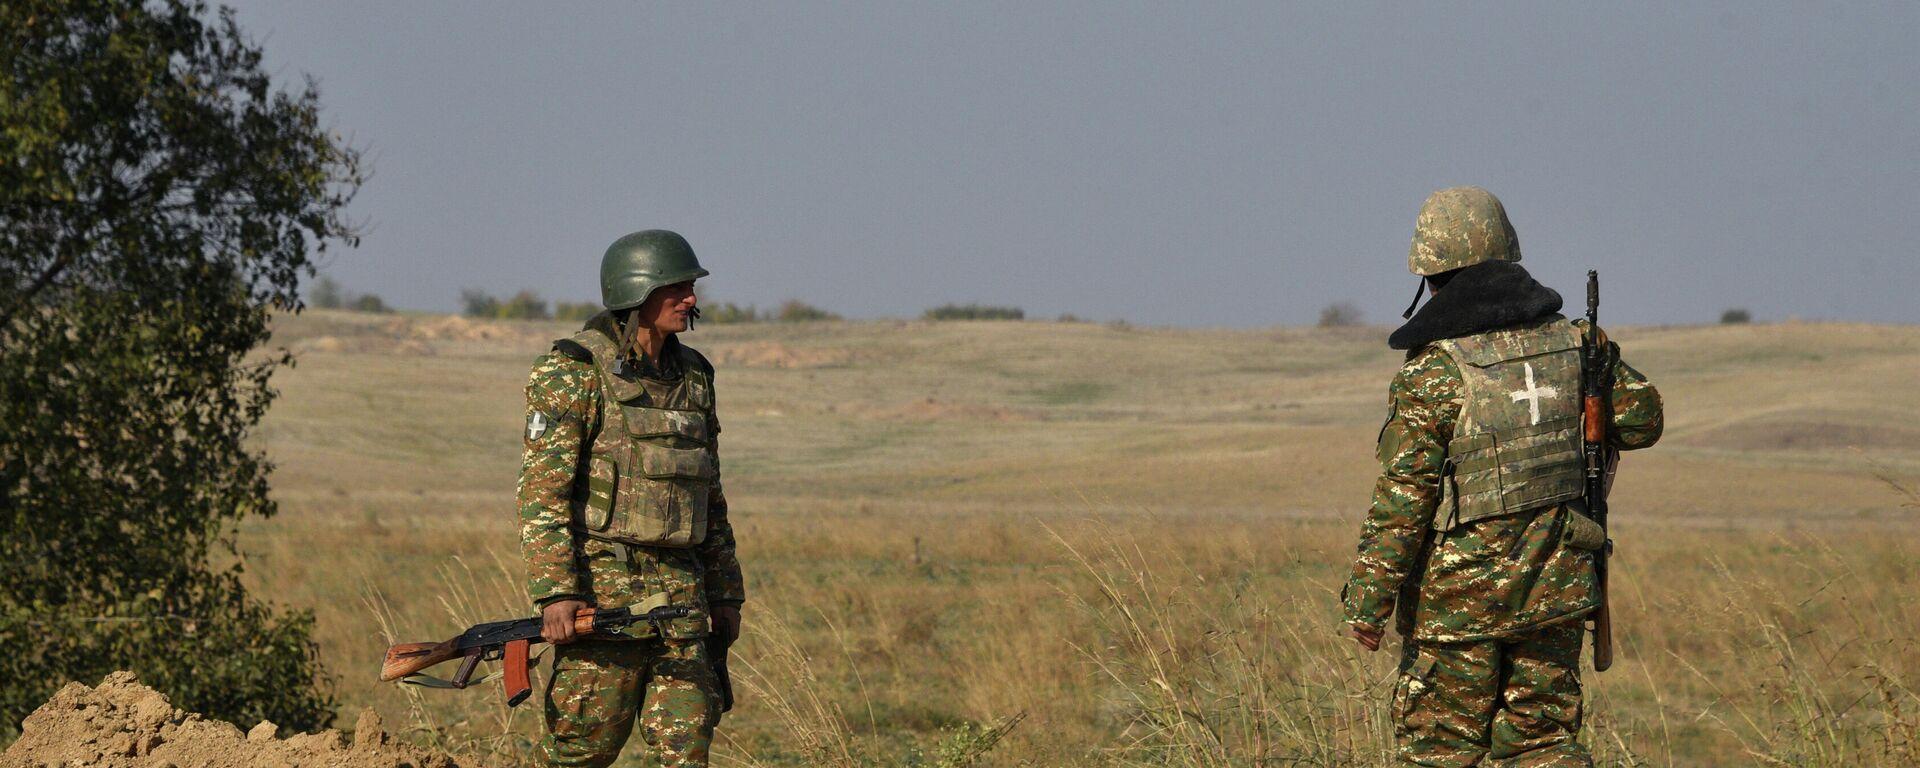 Armenische Soldaten patrouillieren Waffenstillstandslinie zwischen Armenien und Aserbaidschan - SNA, 1920, 27.05.2021